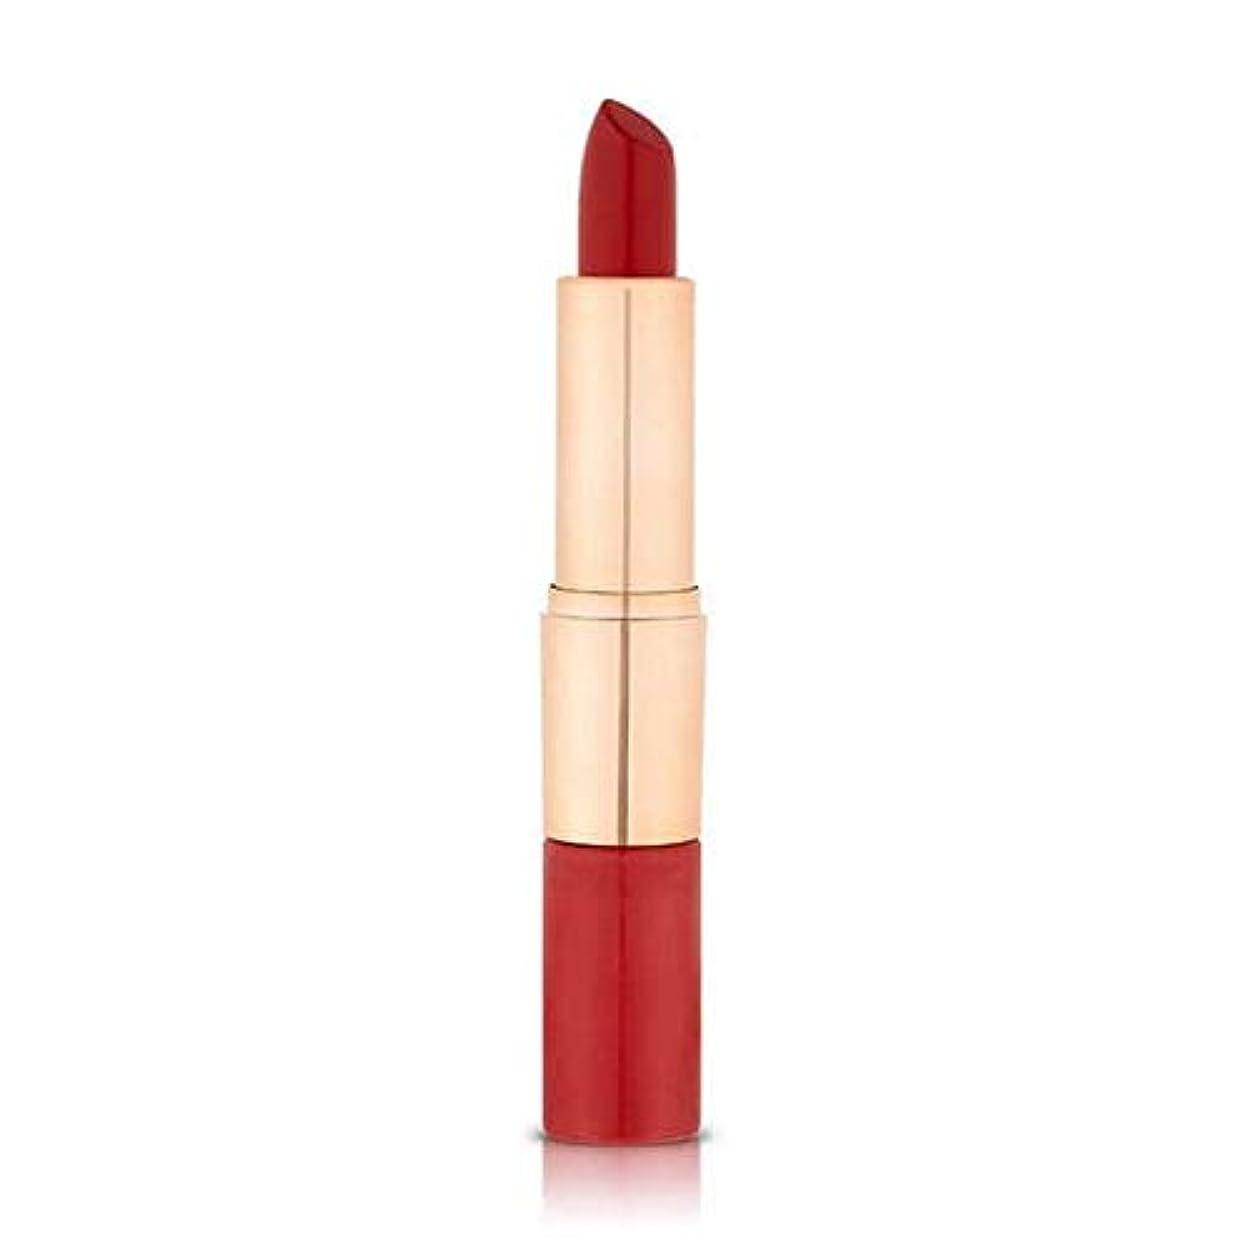 独立細菌シーフード[Flower Beauty ] 花の美しさのミックスN」はマットリップスティックデュオ赤いベルベット690 - Flower Beauty Mix N' Matte Lipstick Duo Red Velvet 690...